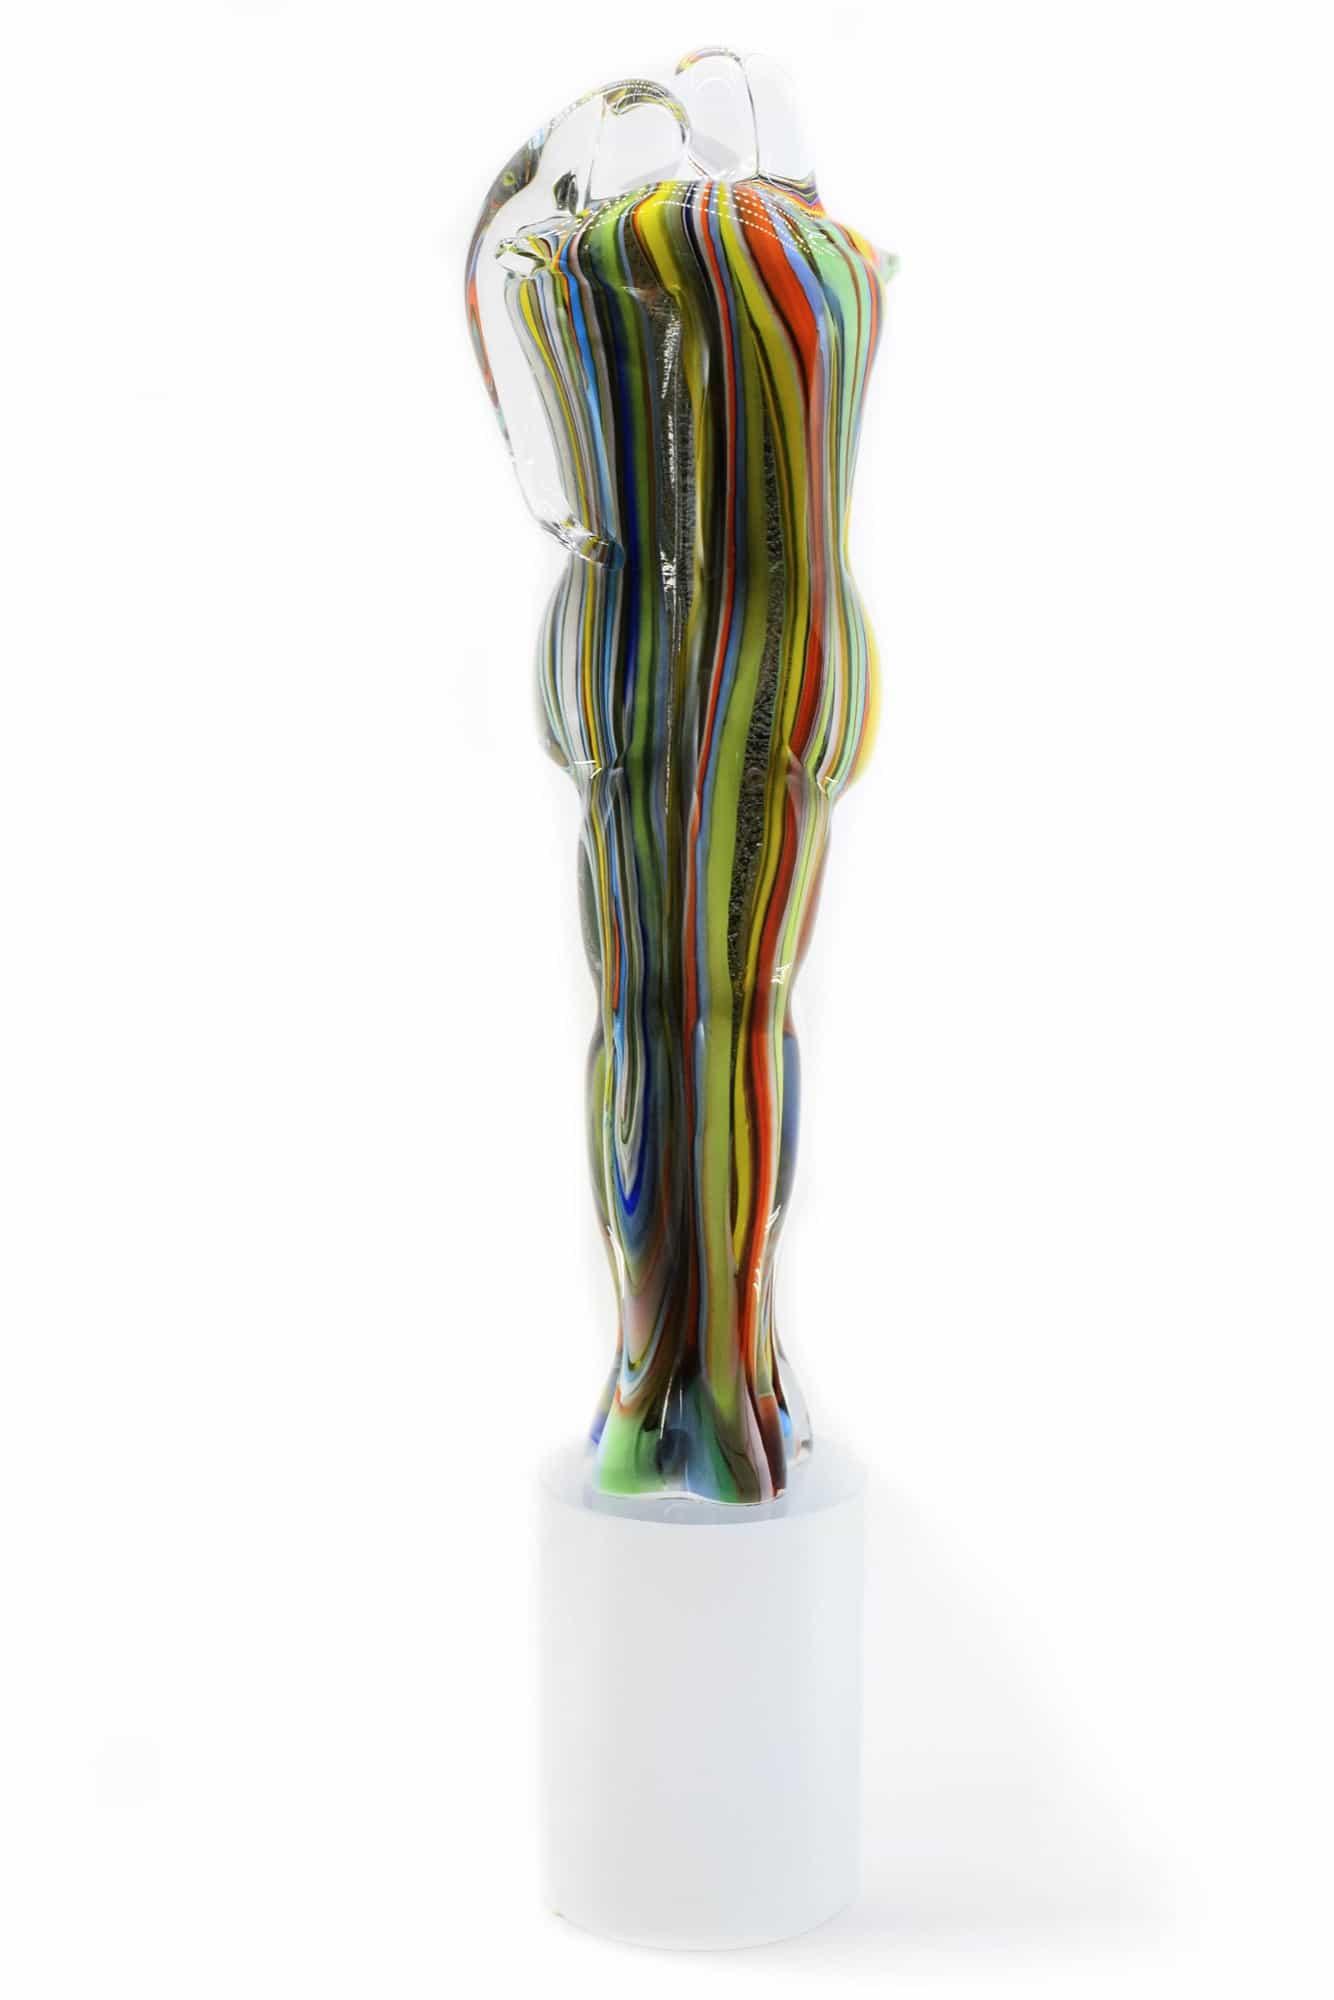 Скульптура любителей муранского стекла